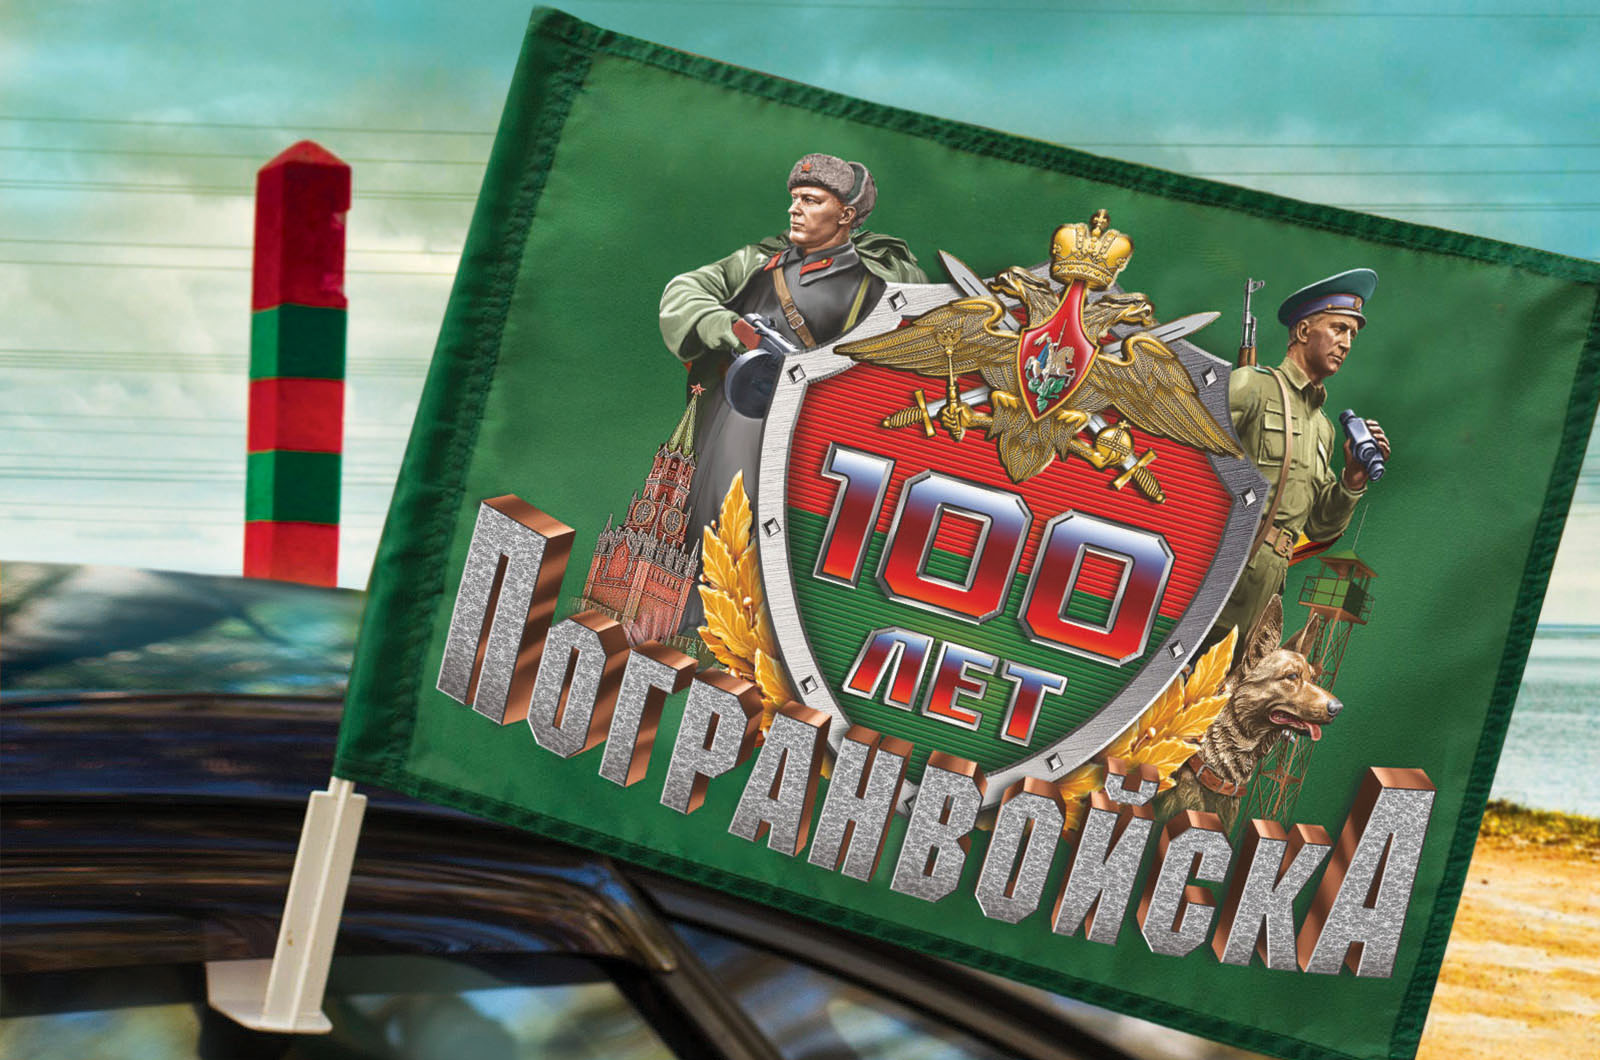 Флаг на кронштейне с символикой Погранвойск. Можешь заказать уже сейчас, а можешь еще подождать и купить подарок ко Дню Пограничника втридорога!